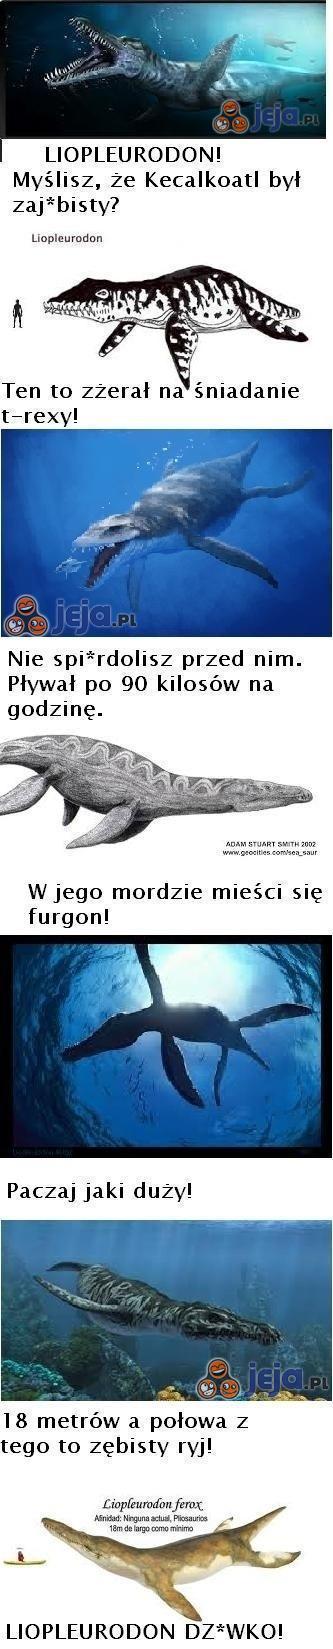 Liopleurodon - prawdziwy sk*rwiel!